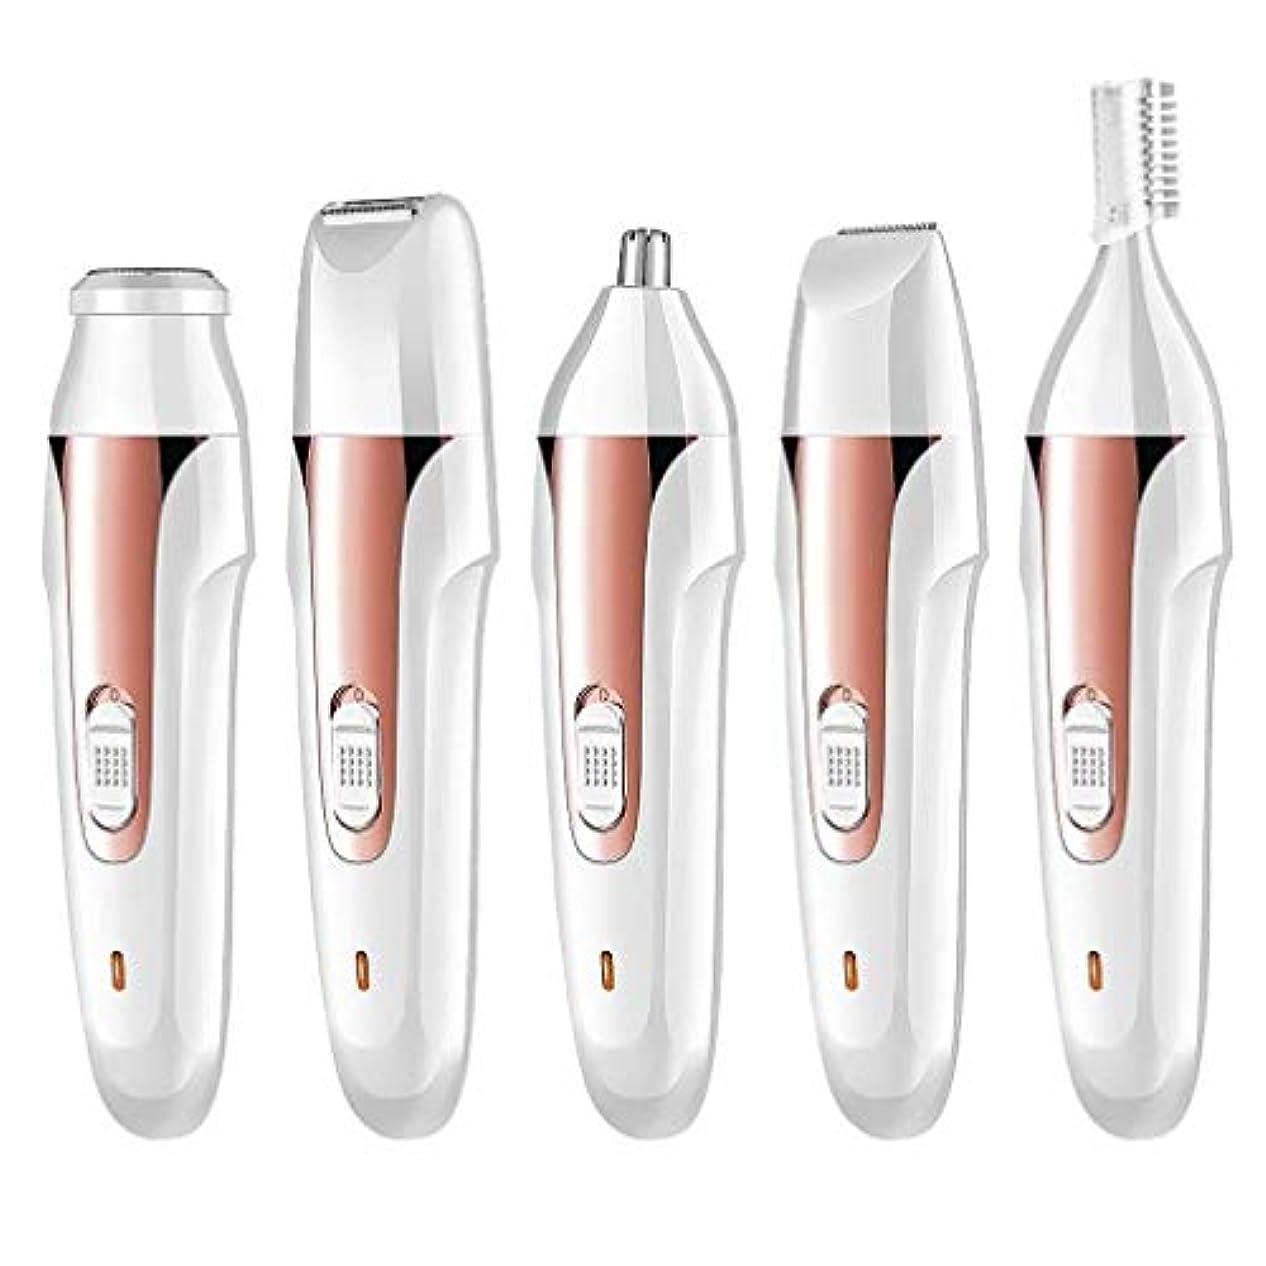 どこにもメダリストフェロー諸島ポータブル鼻毛トリマー - 電動脱毛器具、USB充電器、多機能5つ1つ、眉毛形削りナイフ、ユニセックス (Color : 1)